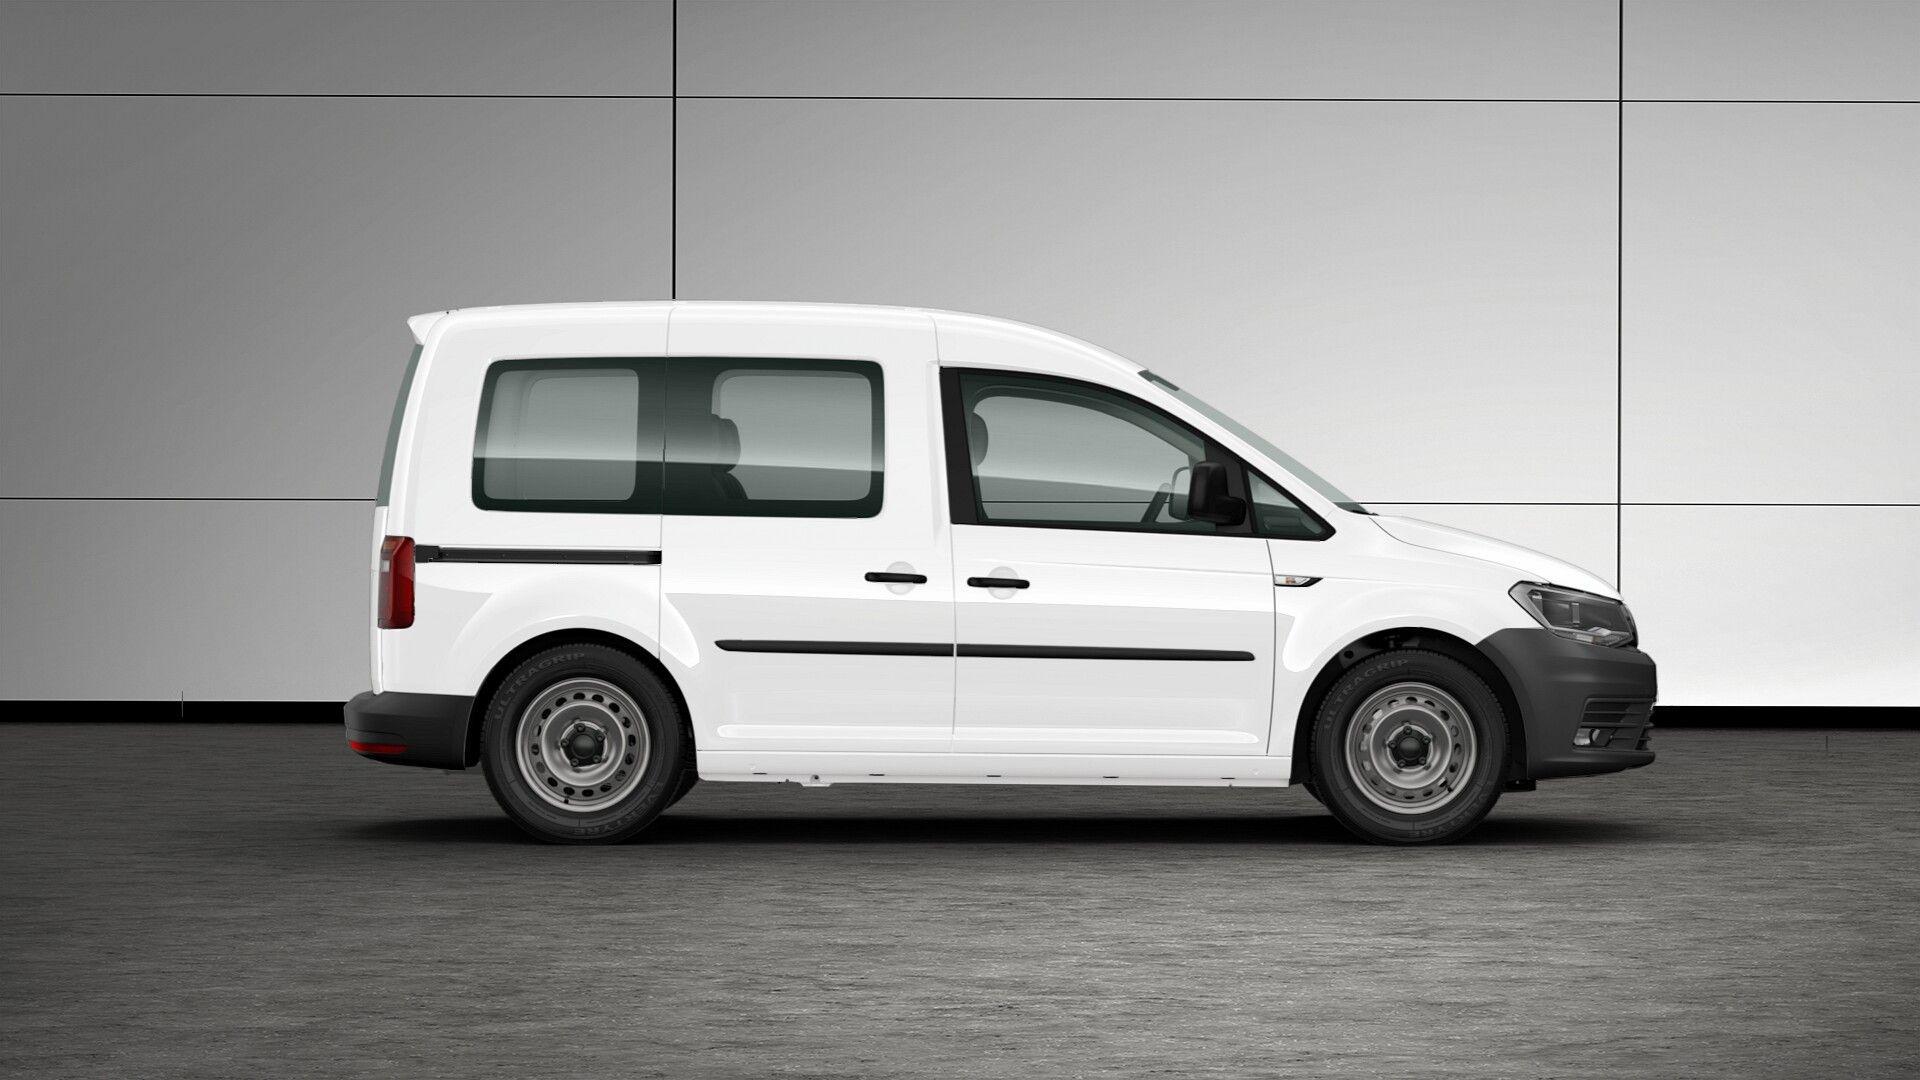 OFERTA ESPECIAL VEHÍCULOS COMERCIALES DICIEMBRE. Caddy Kombi 5 plazas 2.0 TDI 102CV color blanco. Antes 22.700 €, ahora 16.650 €